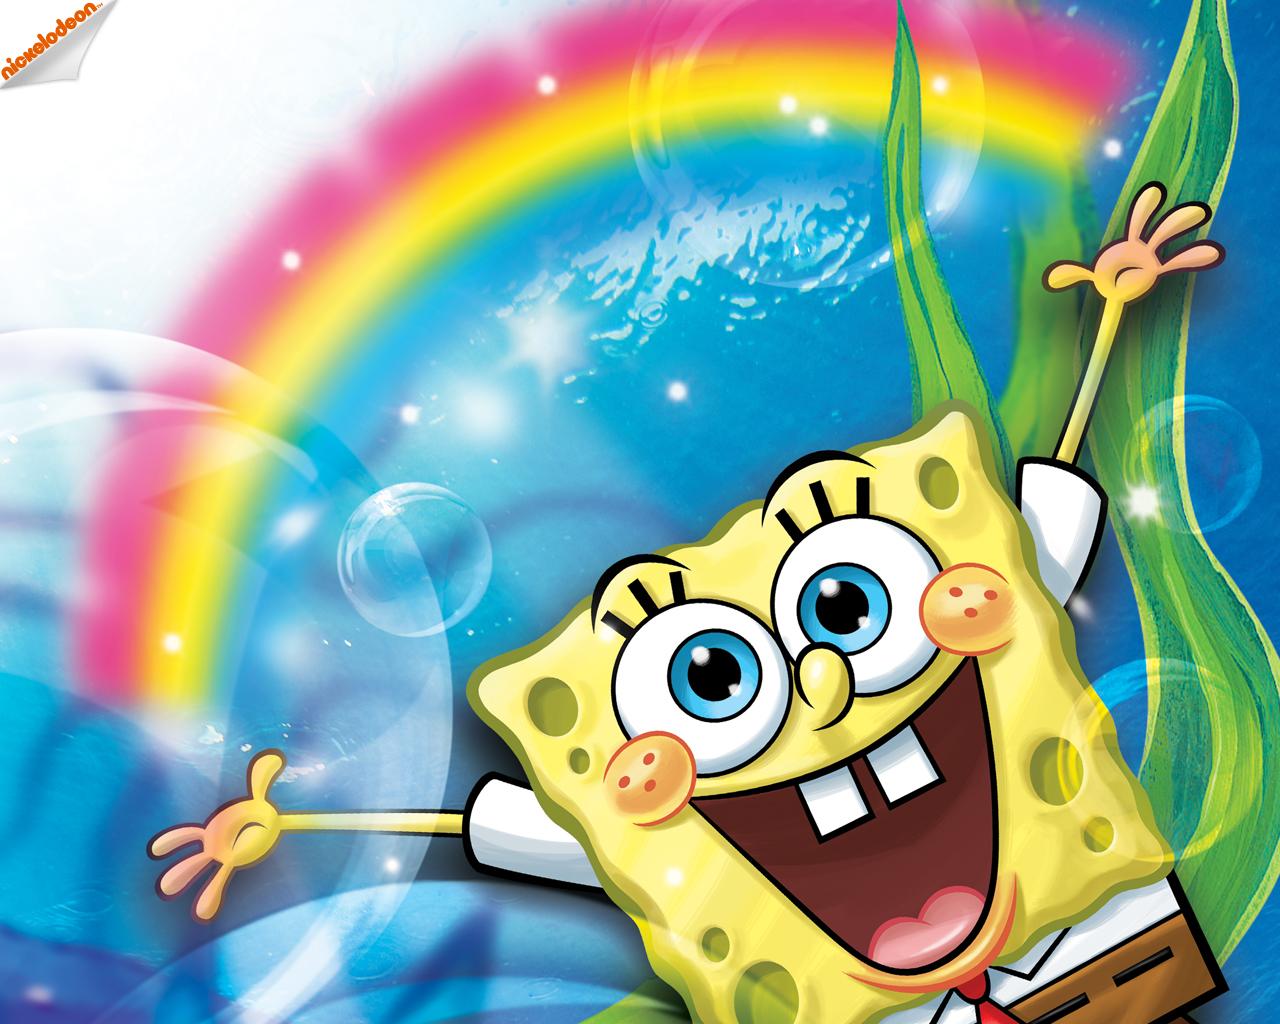 Spongebob Squarepants Wallpaper 017